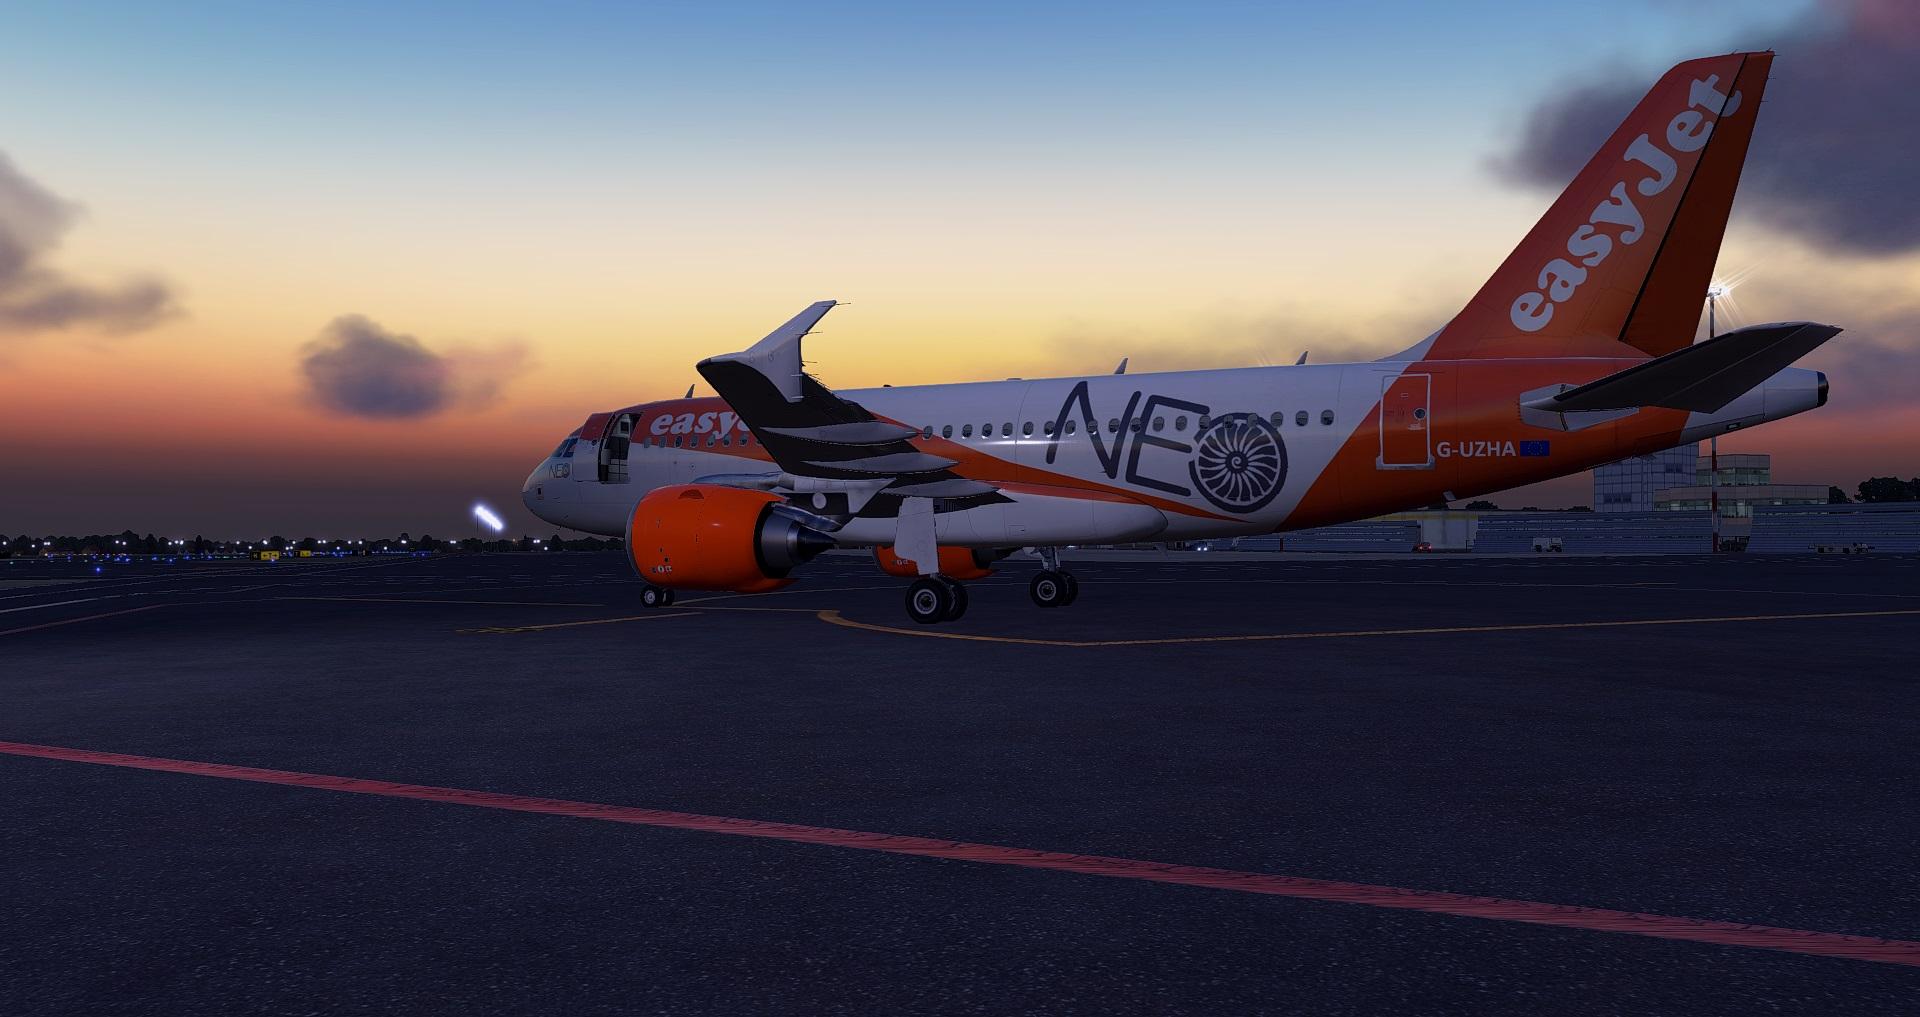 x-plane-2021-01-06-18-21-31.jpg